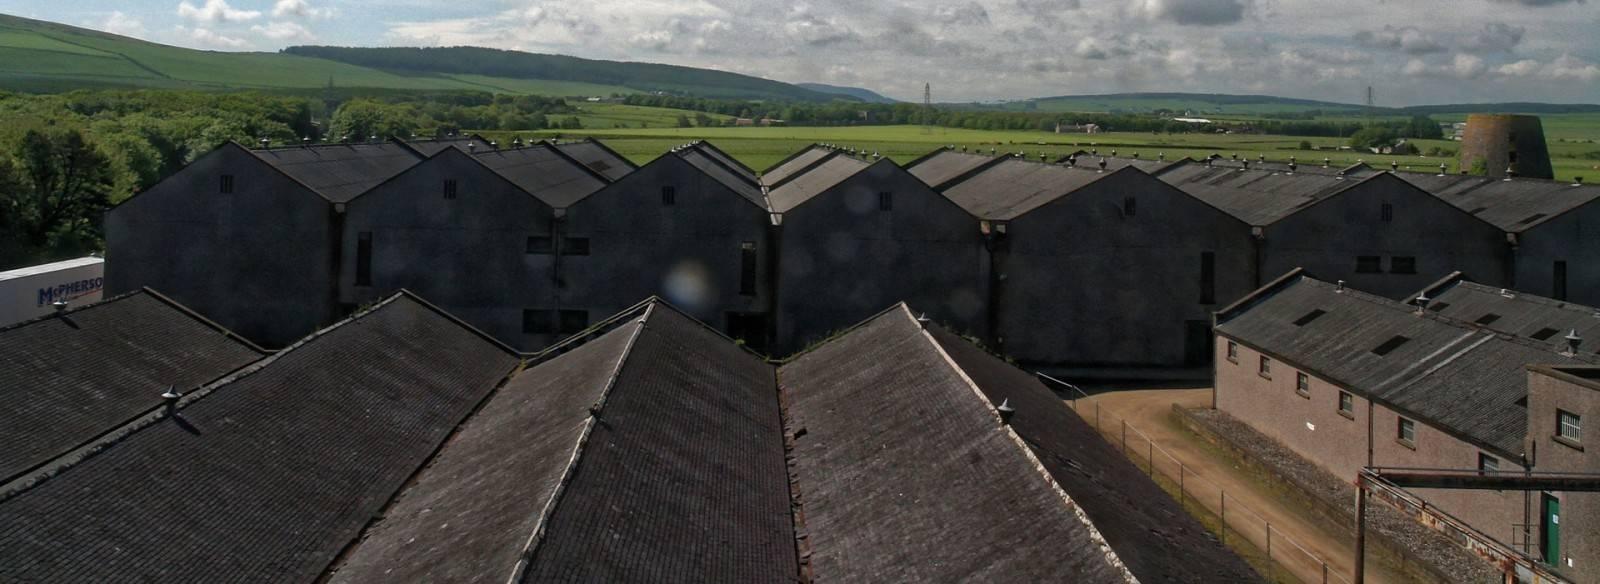 Glenglassaugh Lagerhäuser von oben